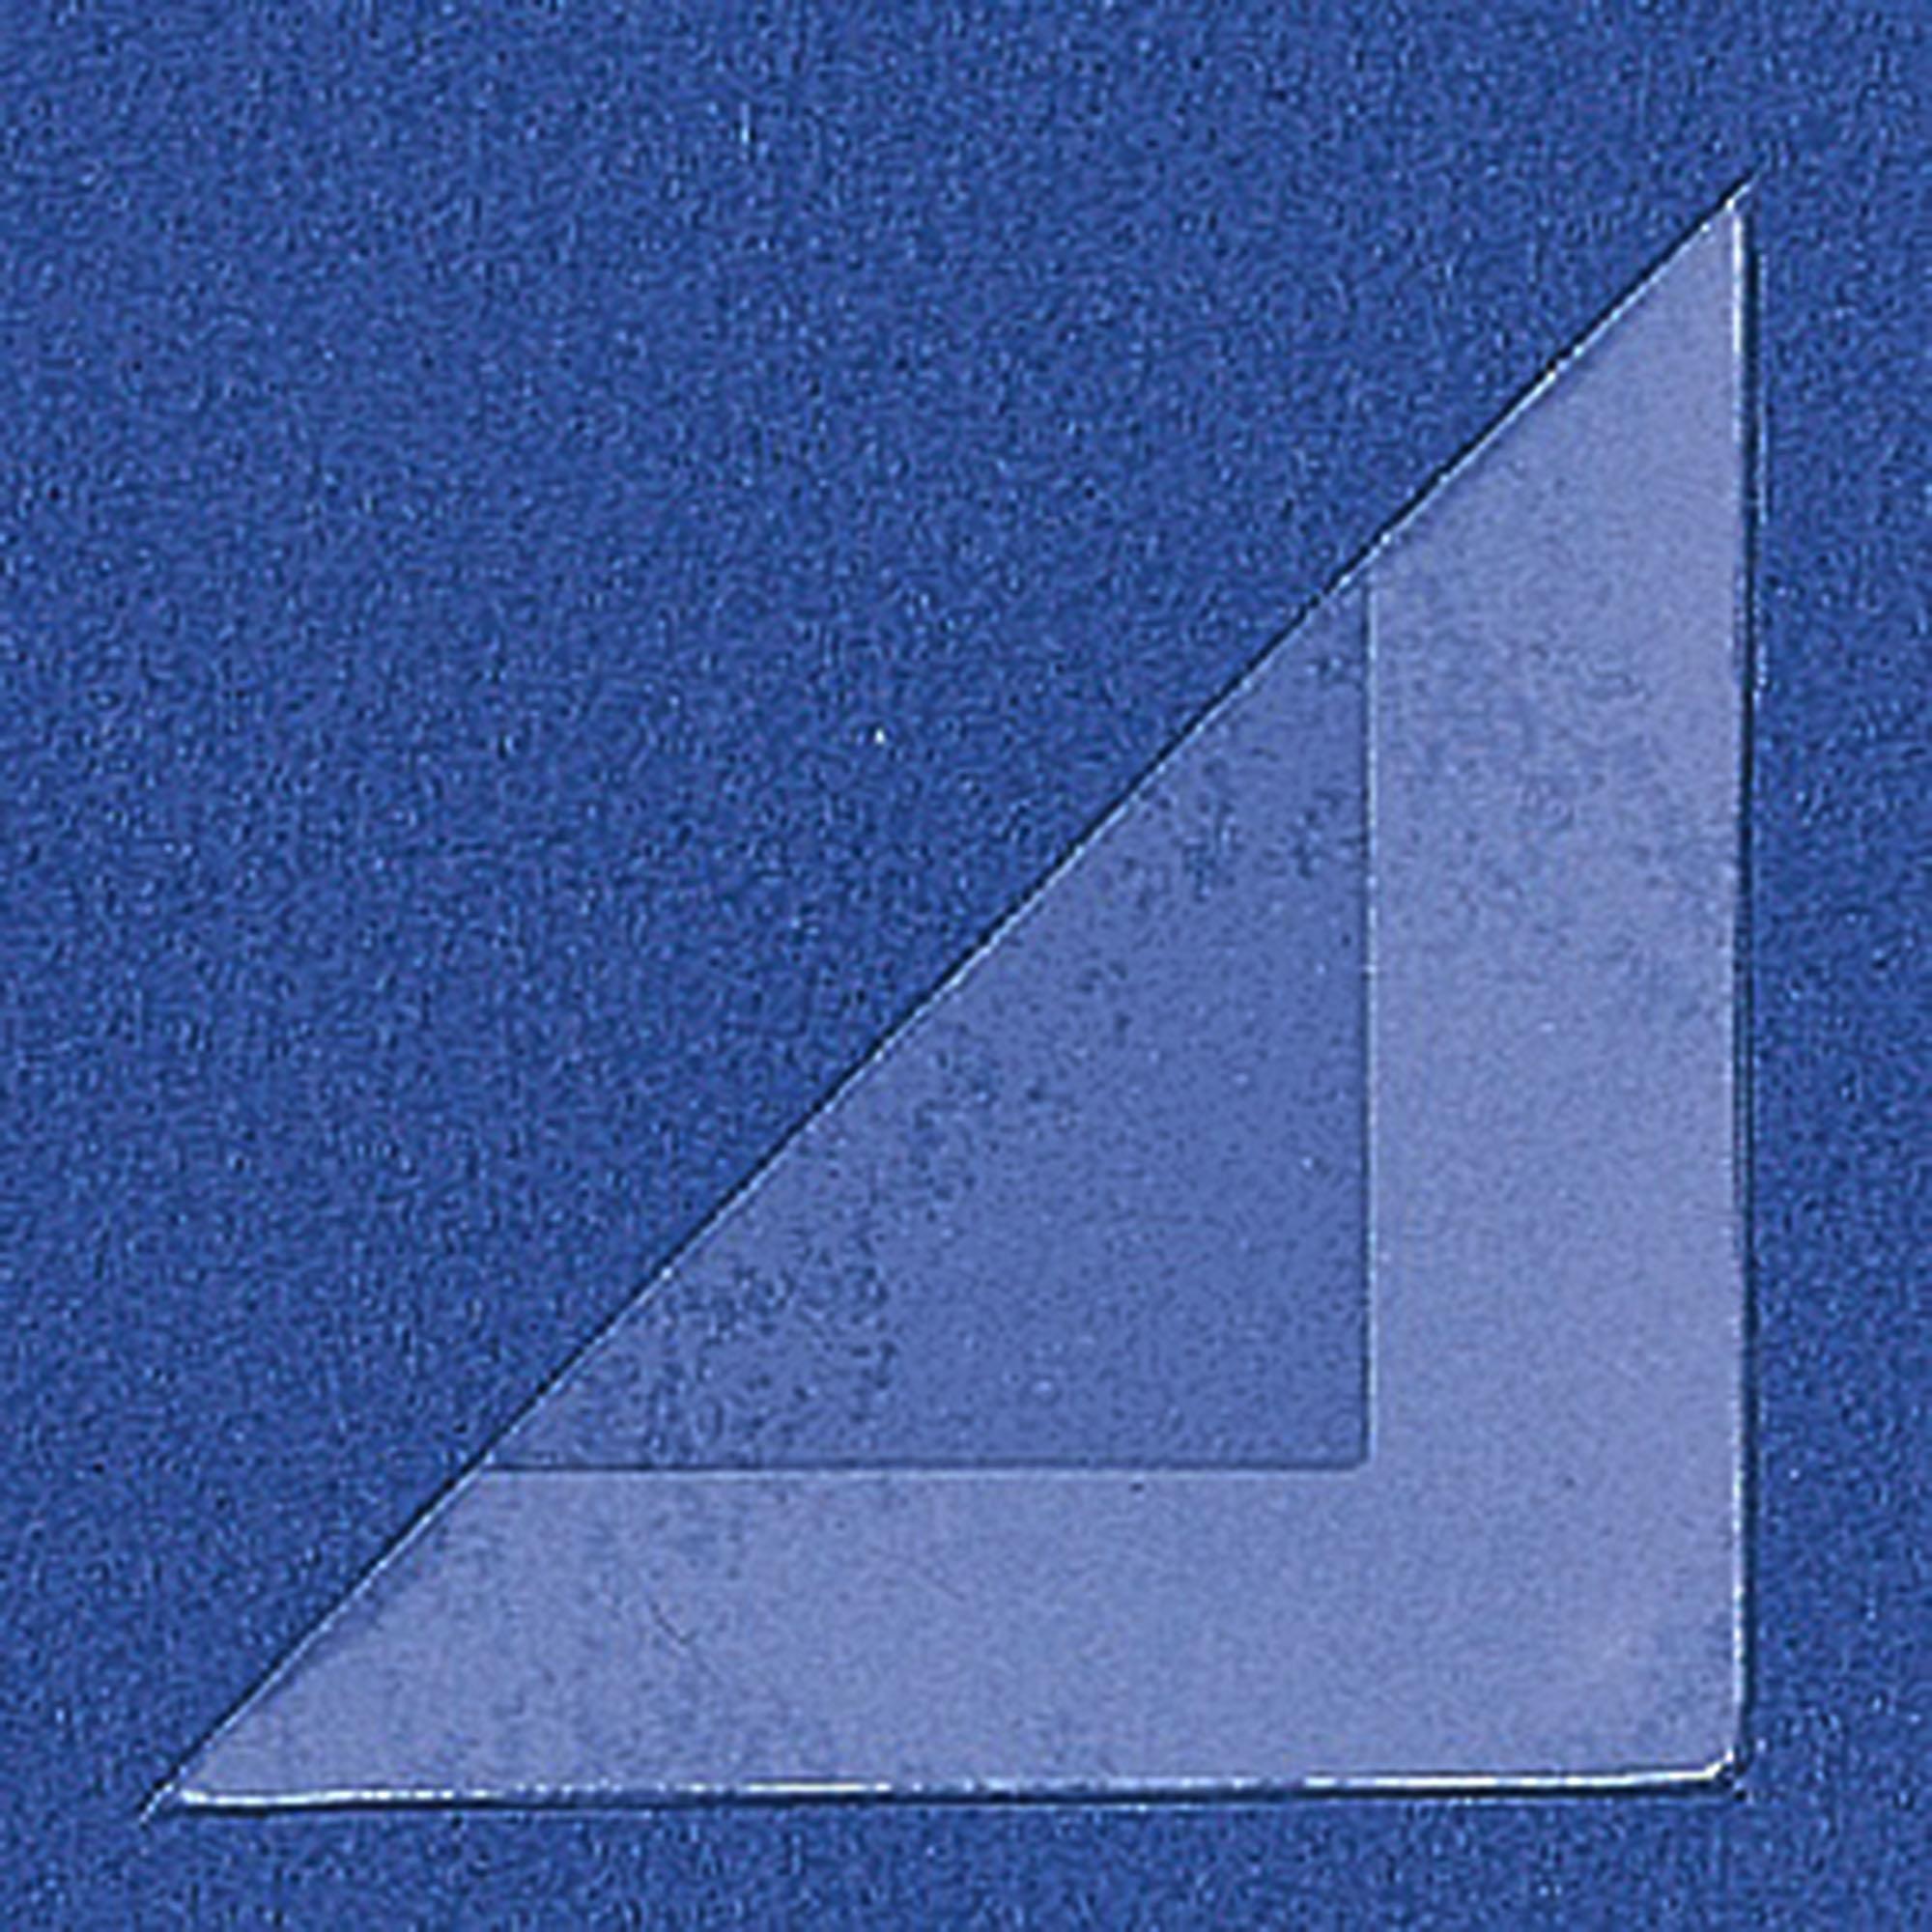 Уголки самоклеящиеся 32 мм (4 шт.)